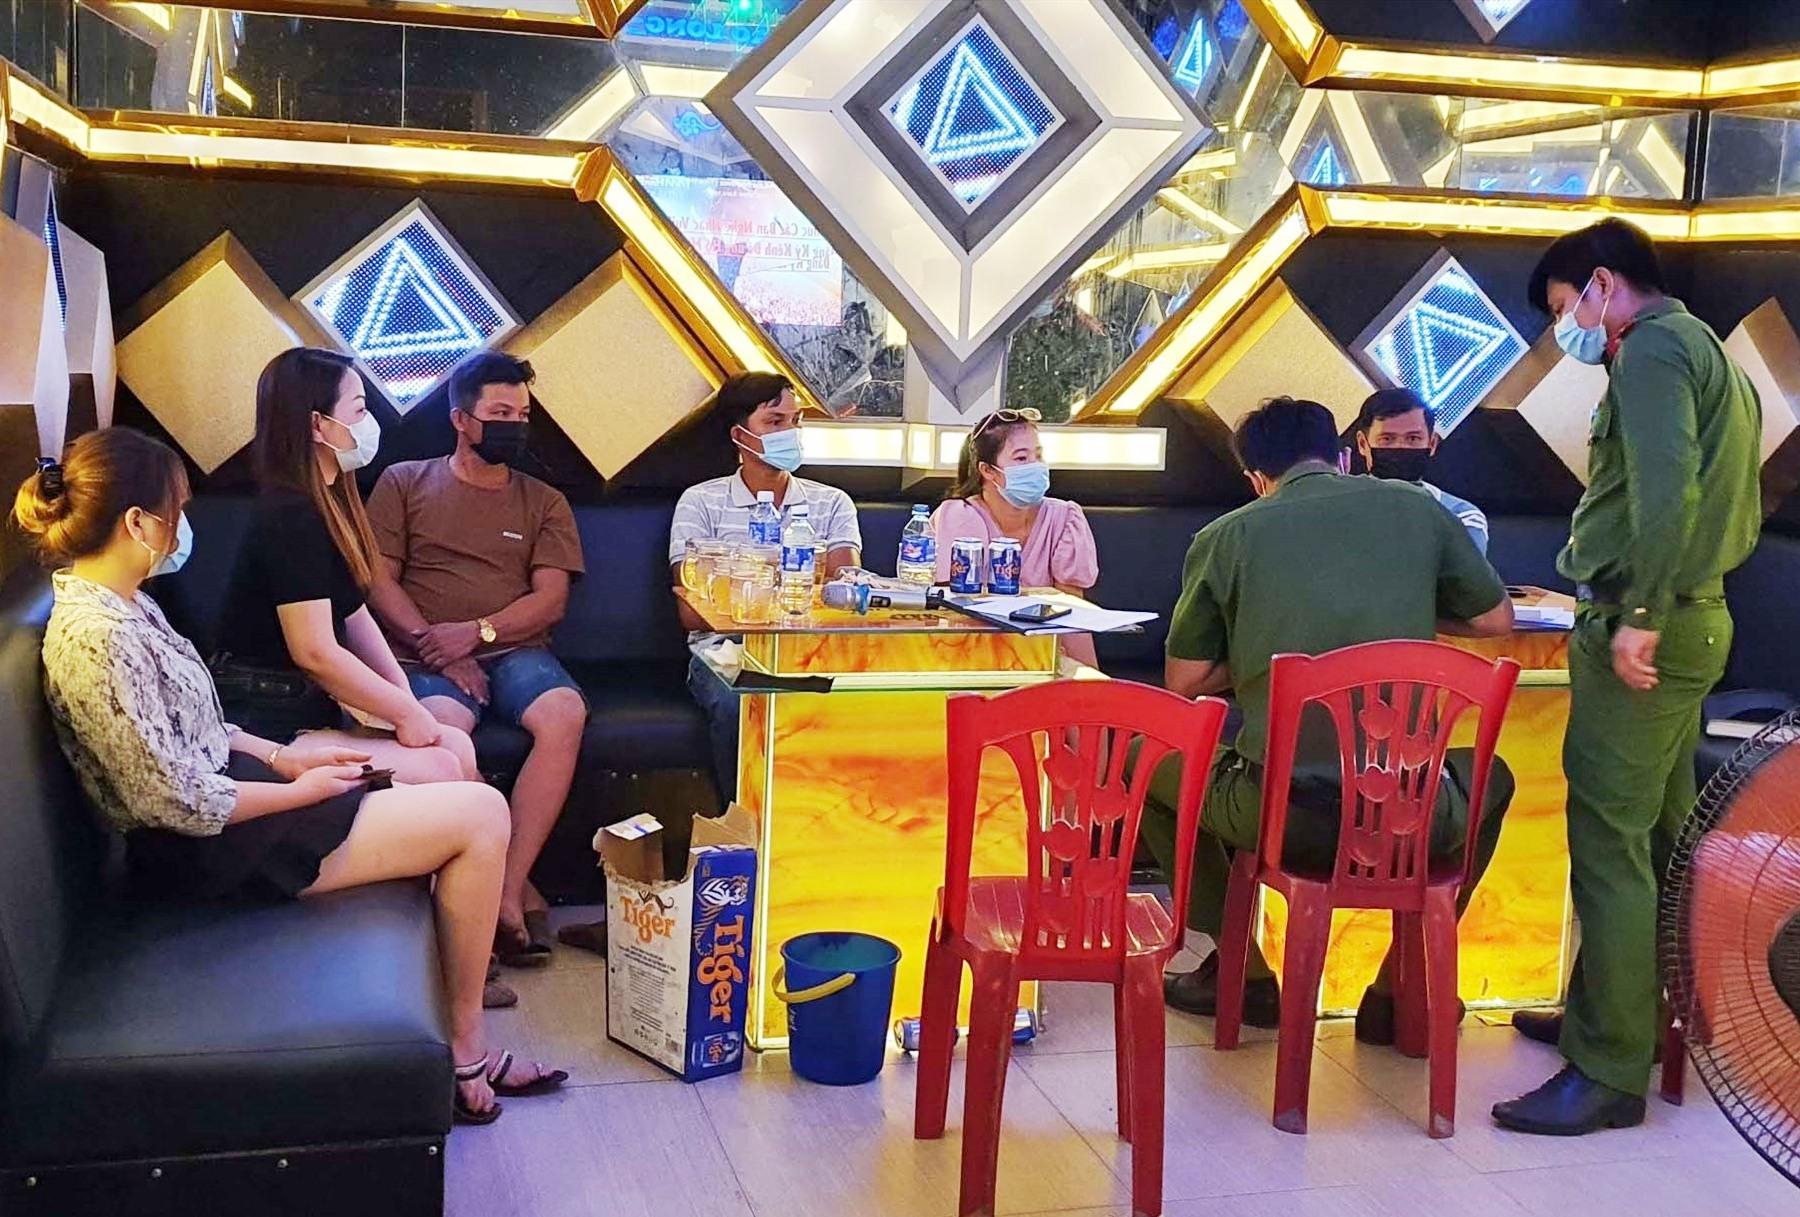 Lực lượng công an làm việc với 6 khách hát karaoke tại quán karaoke Bảo Long trong thời điểm dịch Covid-19. Ảnh P.N